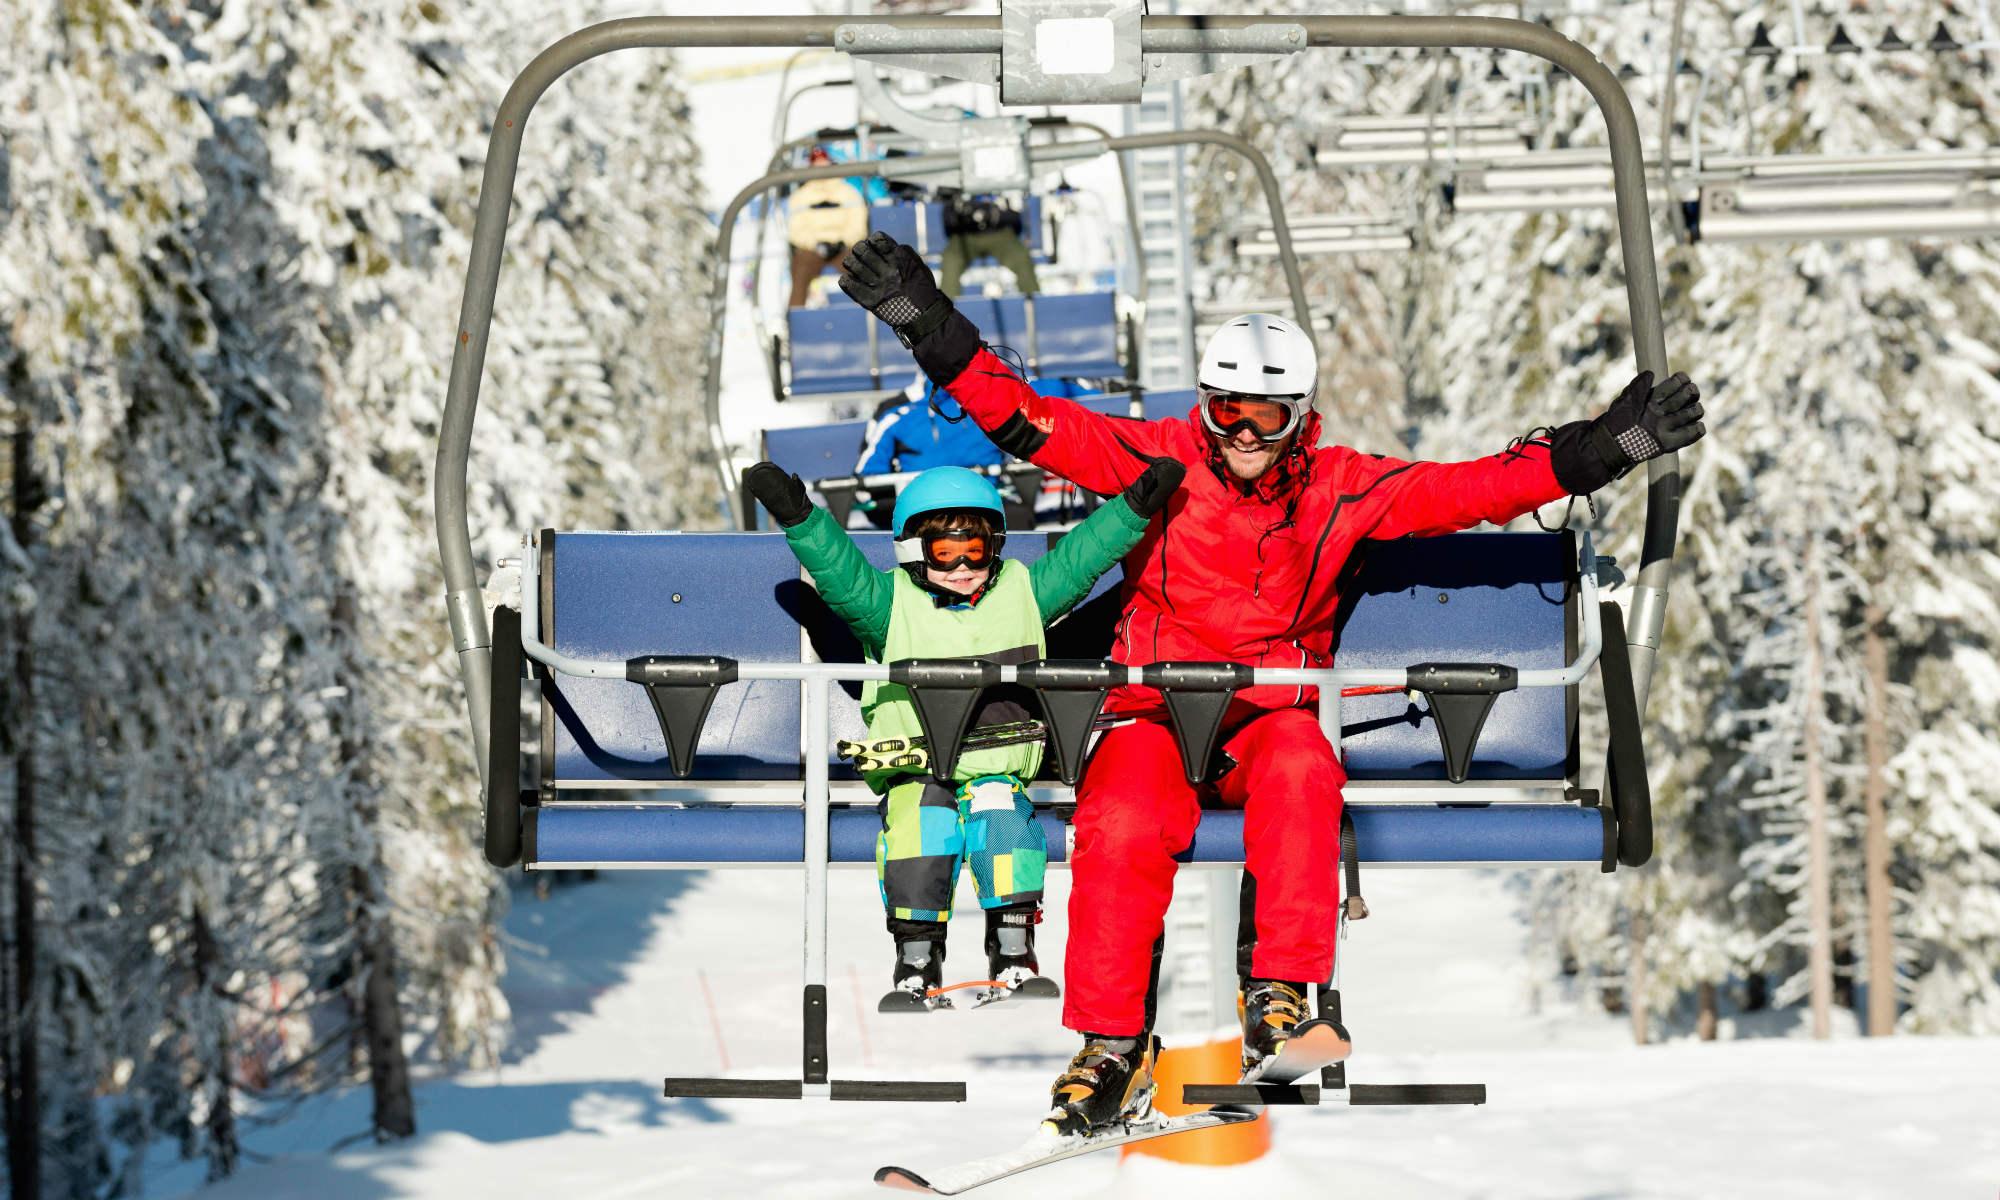 Un jeune skieur et son moniteur de ski sur un télésiège.